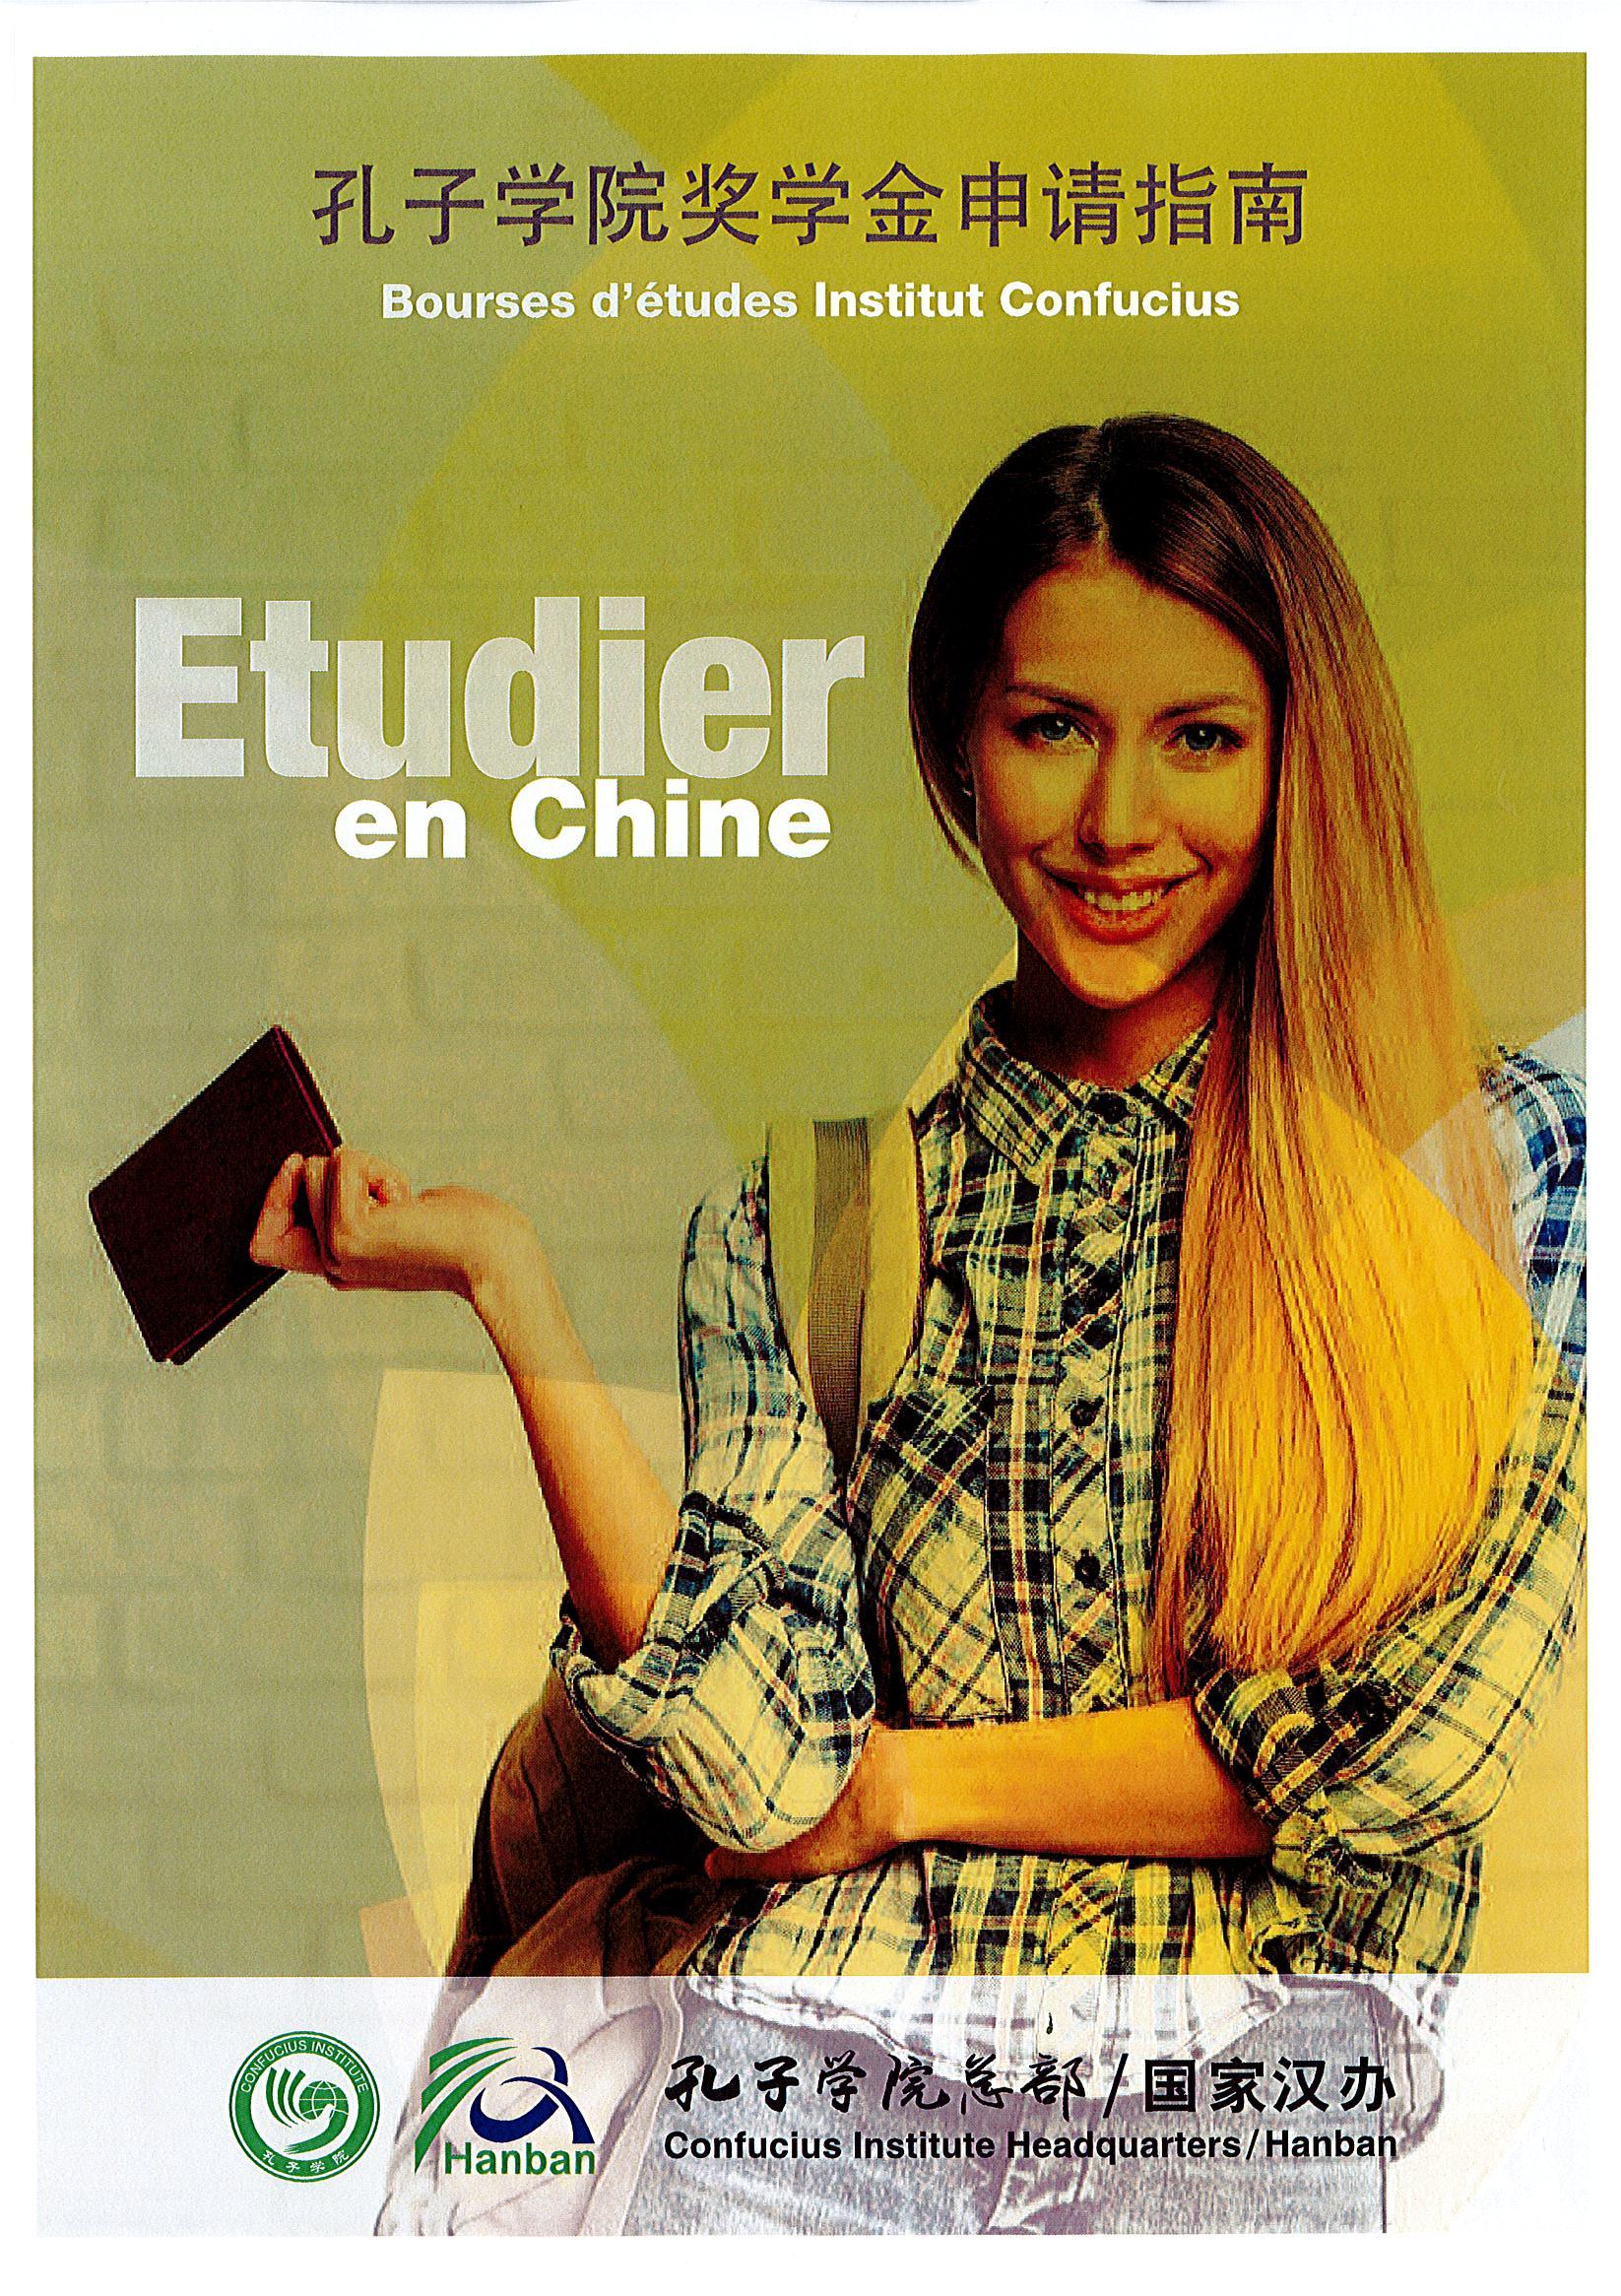 Bourses d'études en Chine